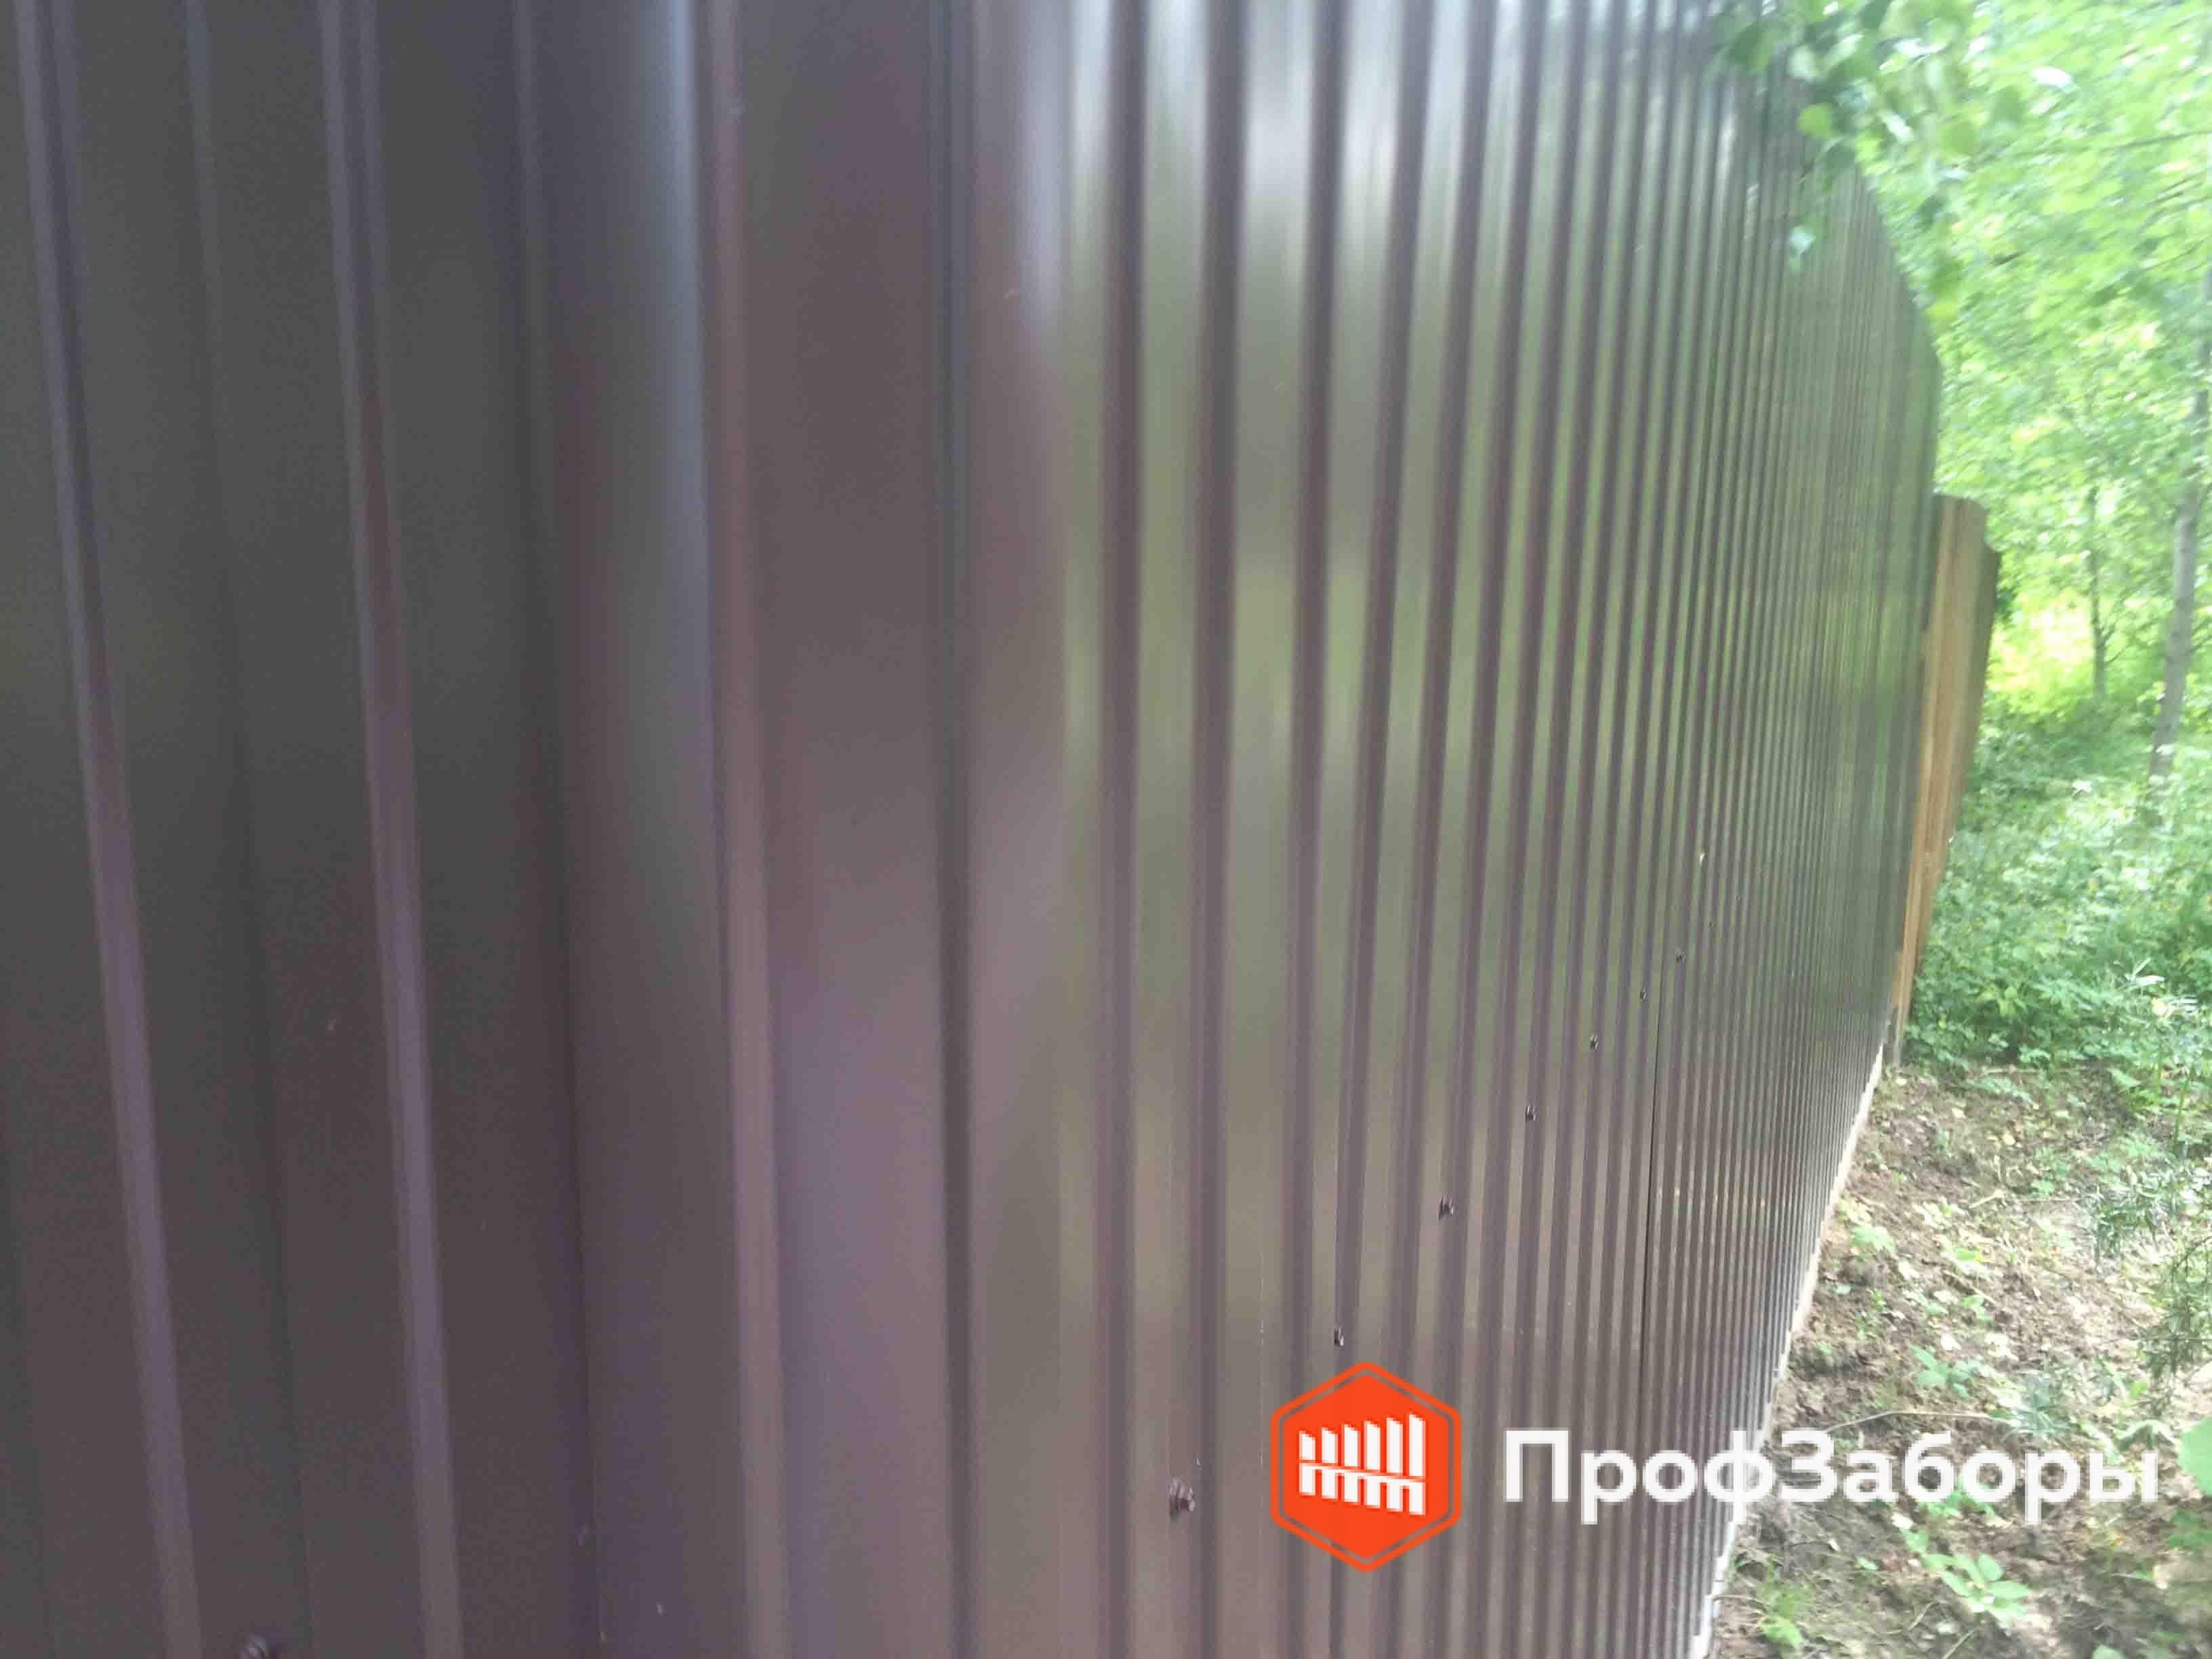 Заборы Из профнастила  - Городской округ Луховицы. Фото 4